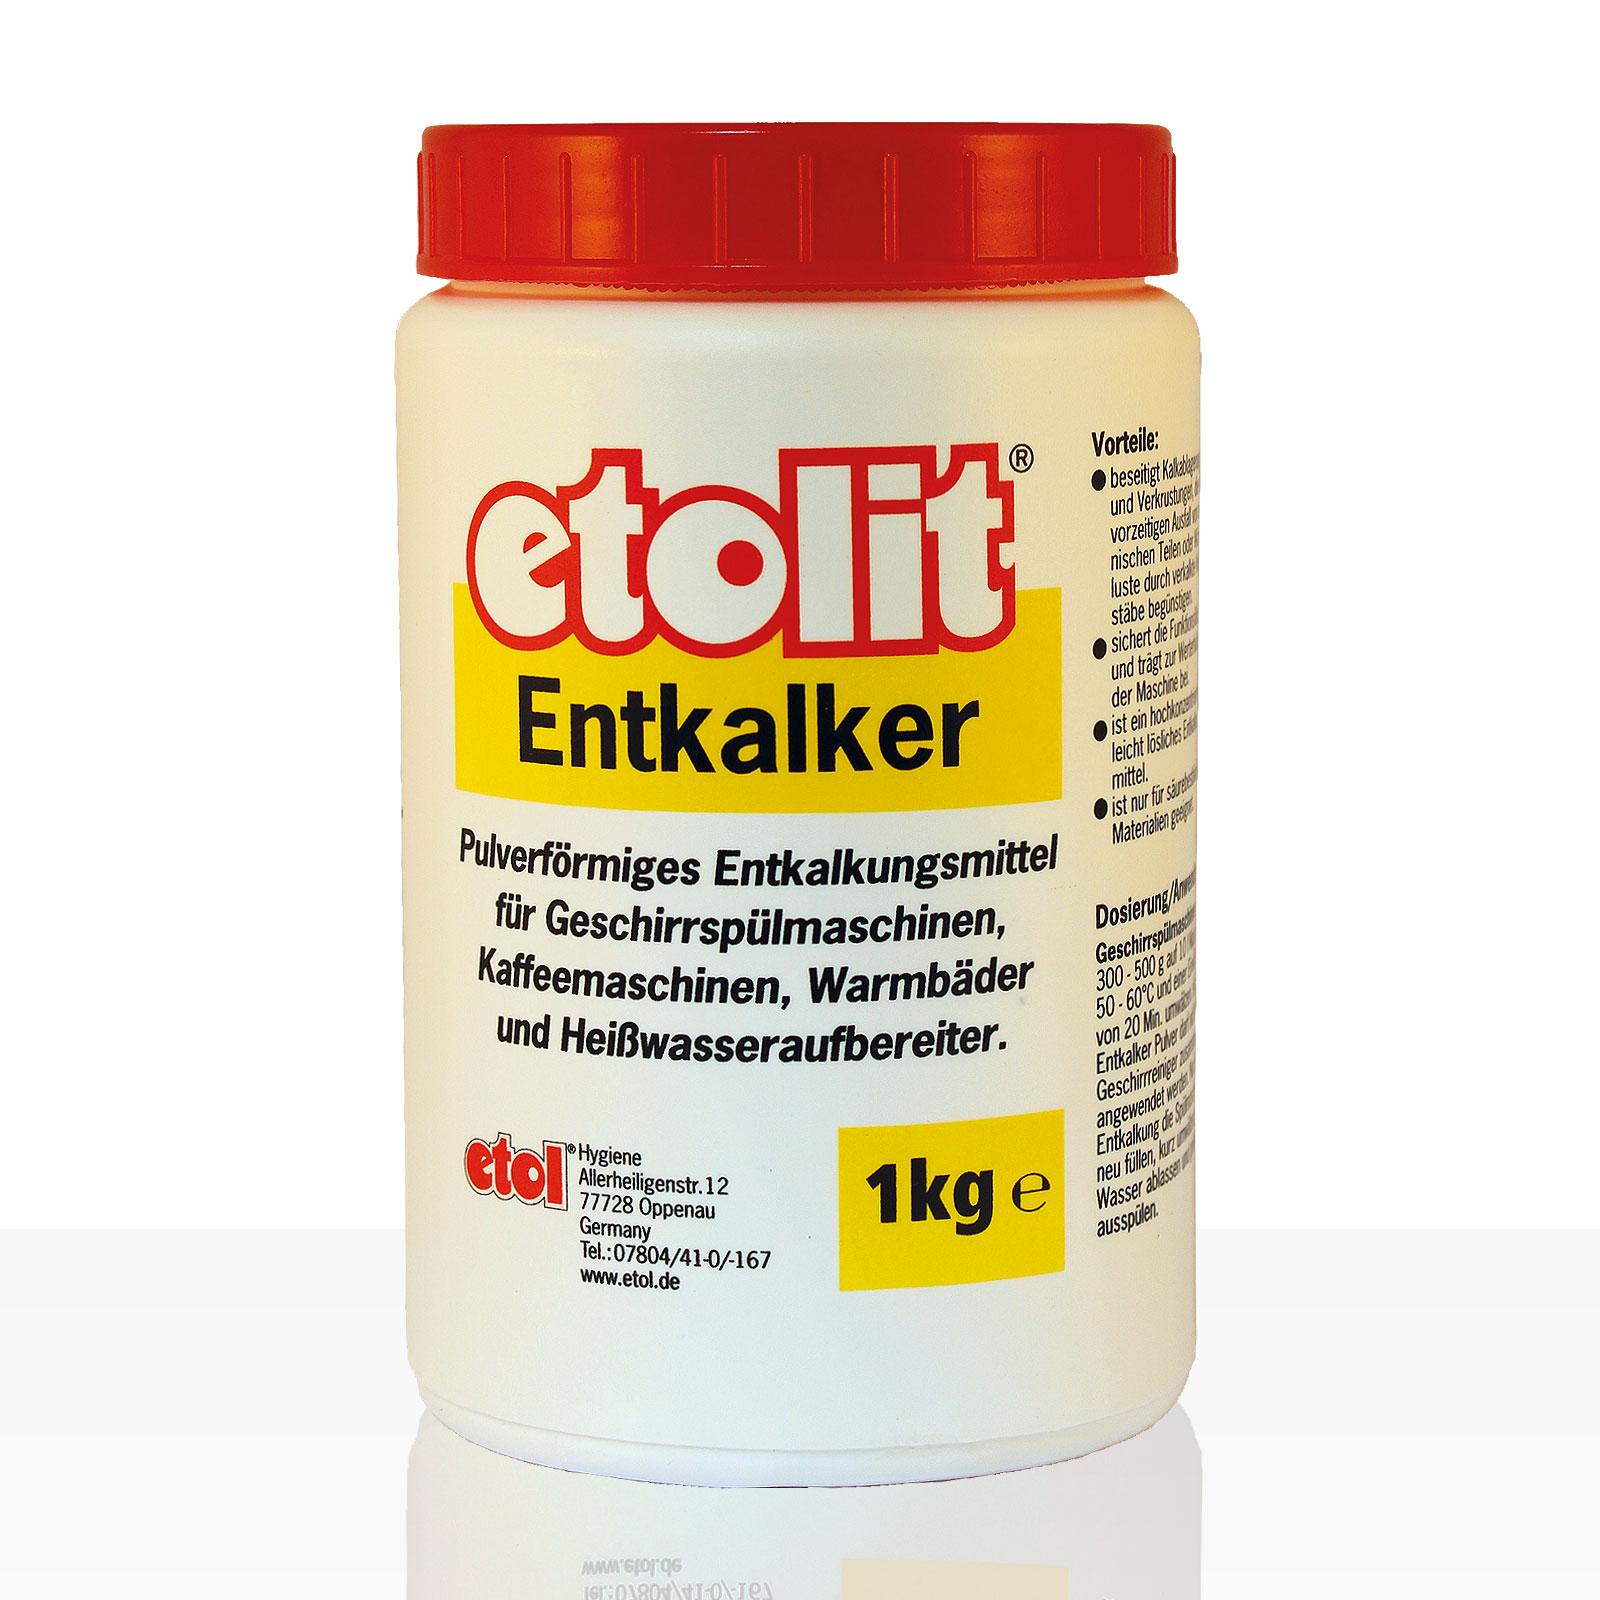 Etolit Entkalker-Pulver 1kg Entkalkungsmittel